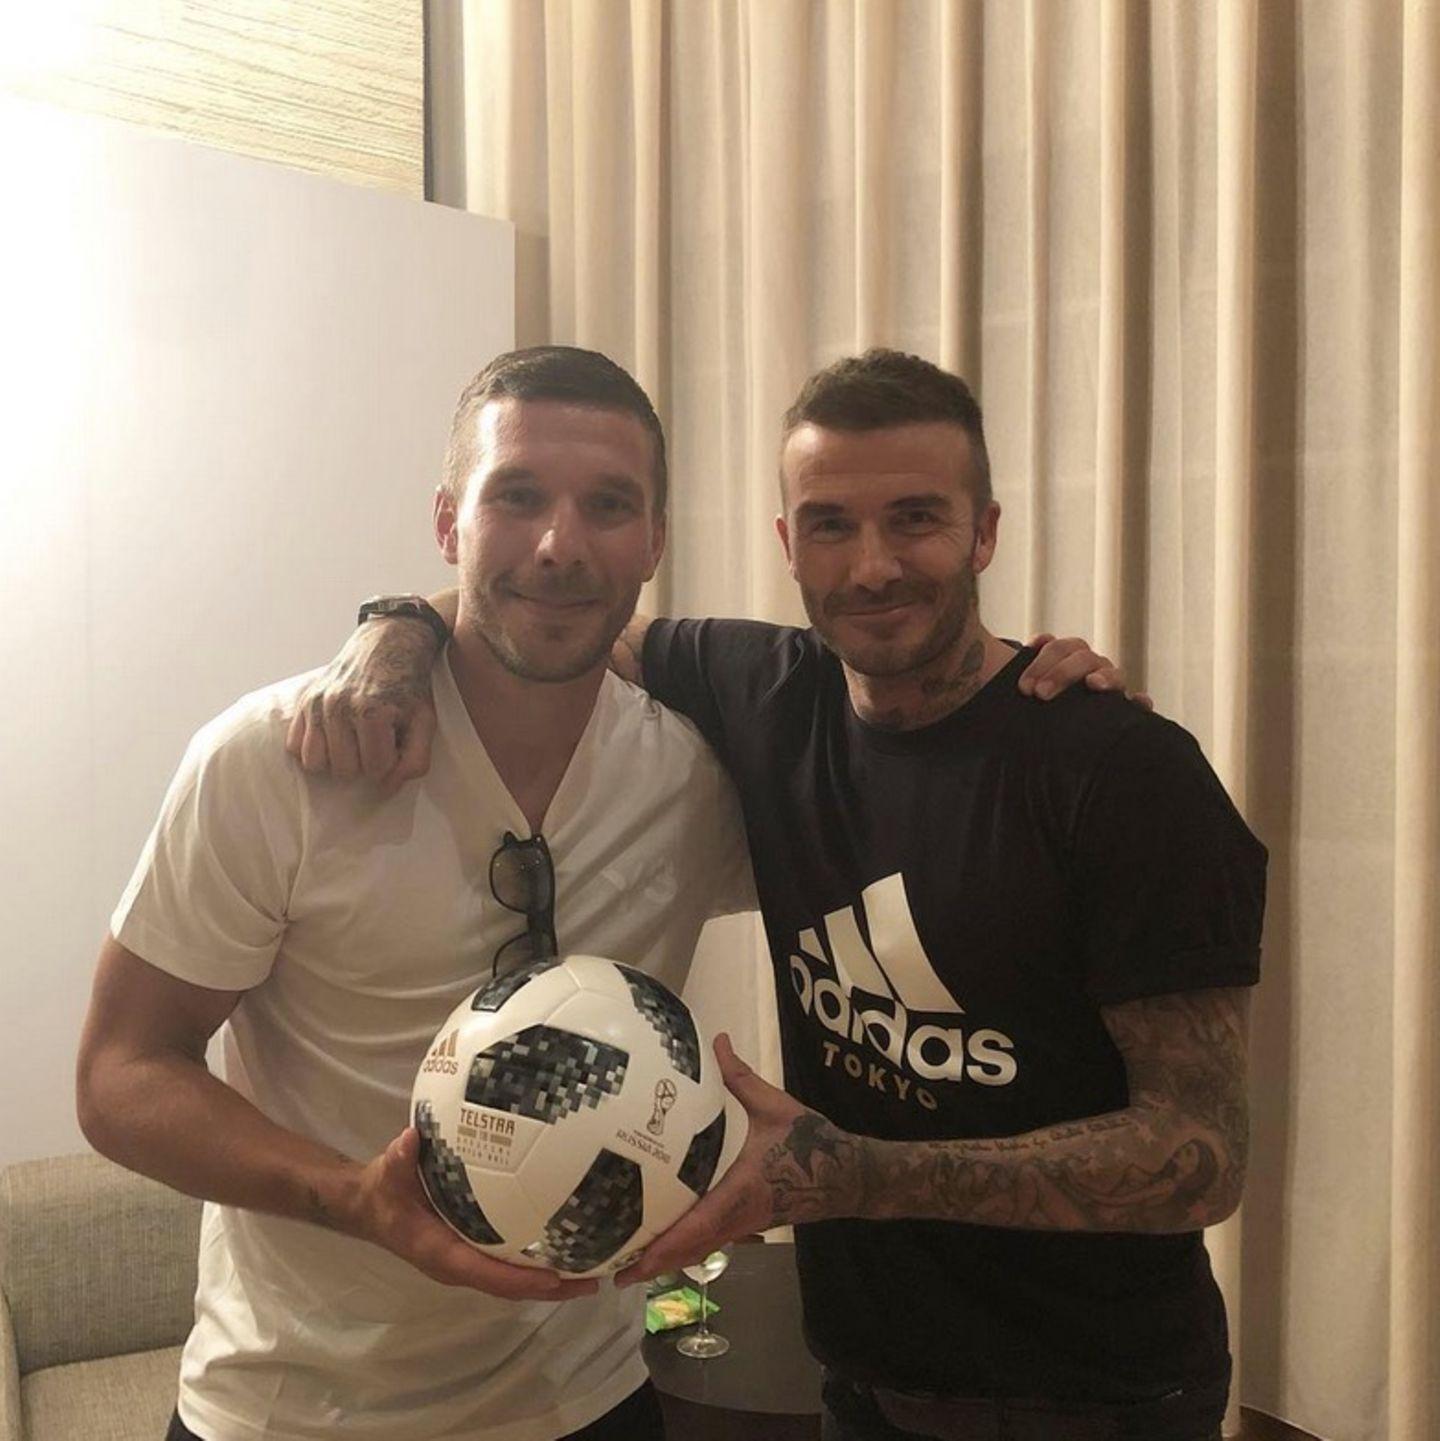 Lukas Podolski und David Beckham  Zwei Männer und eine Leidenschaft: Fußball!Auf diesem Foto vereinen sich zwei der wohl bekanntesten Gesichter der neueren Fußballgeschichte:Lukas Podolski und David Beckham posieren für die Kamera.